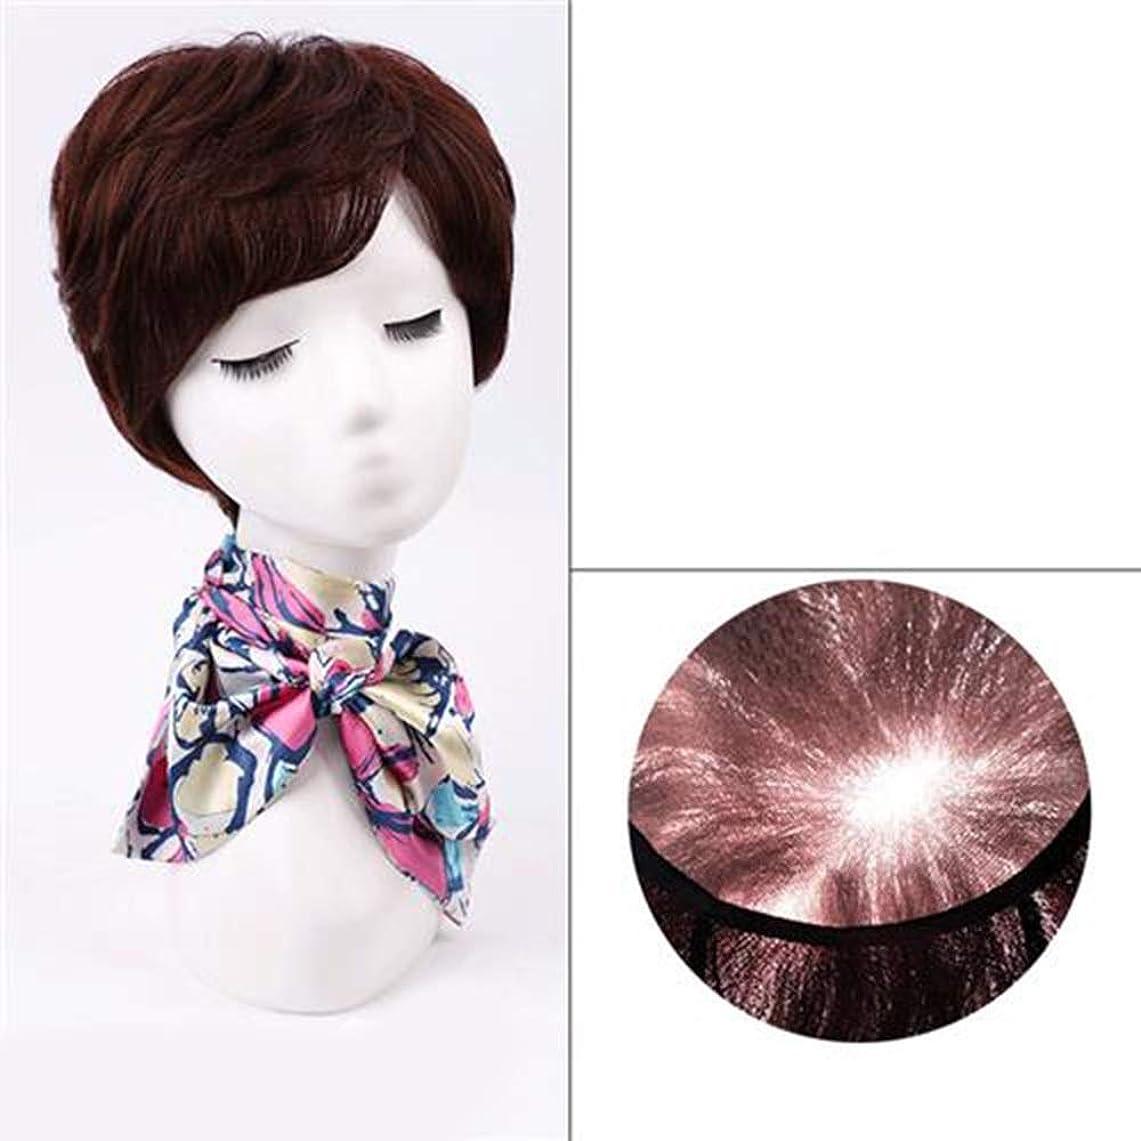 夢戦闘バッテリーYAHONGOE 女性のファッションかつらのための前髪付き天然毛エクステンション短く本物の髪のかつら (色 : Dark brown)